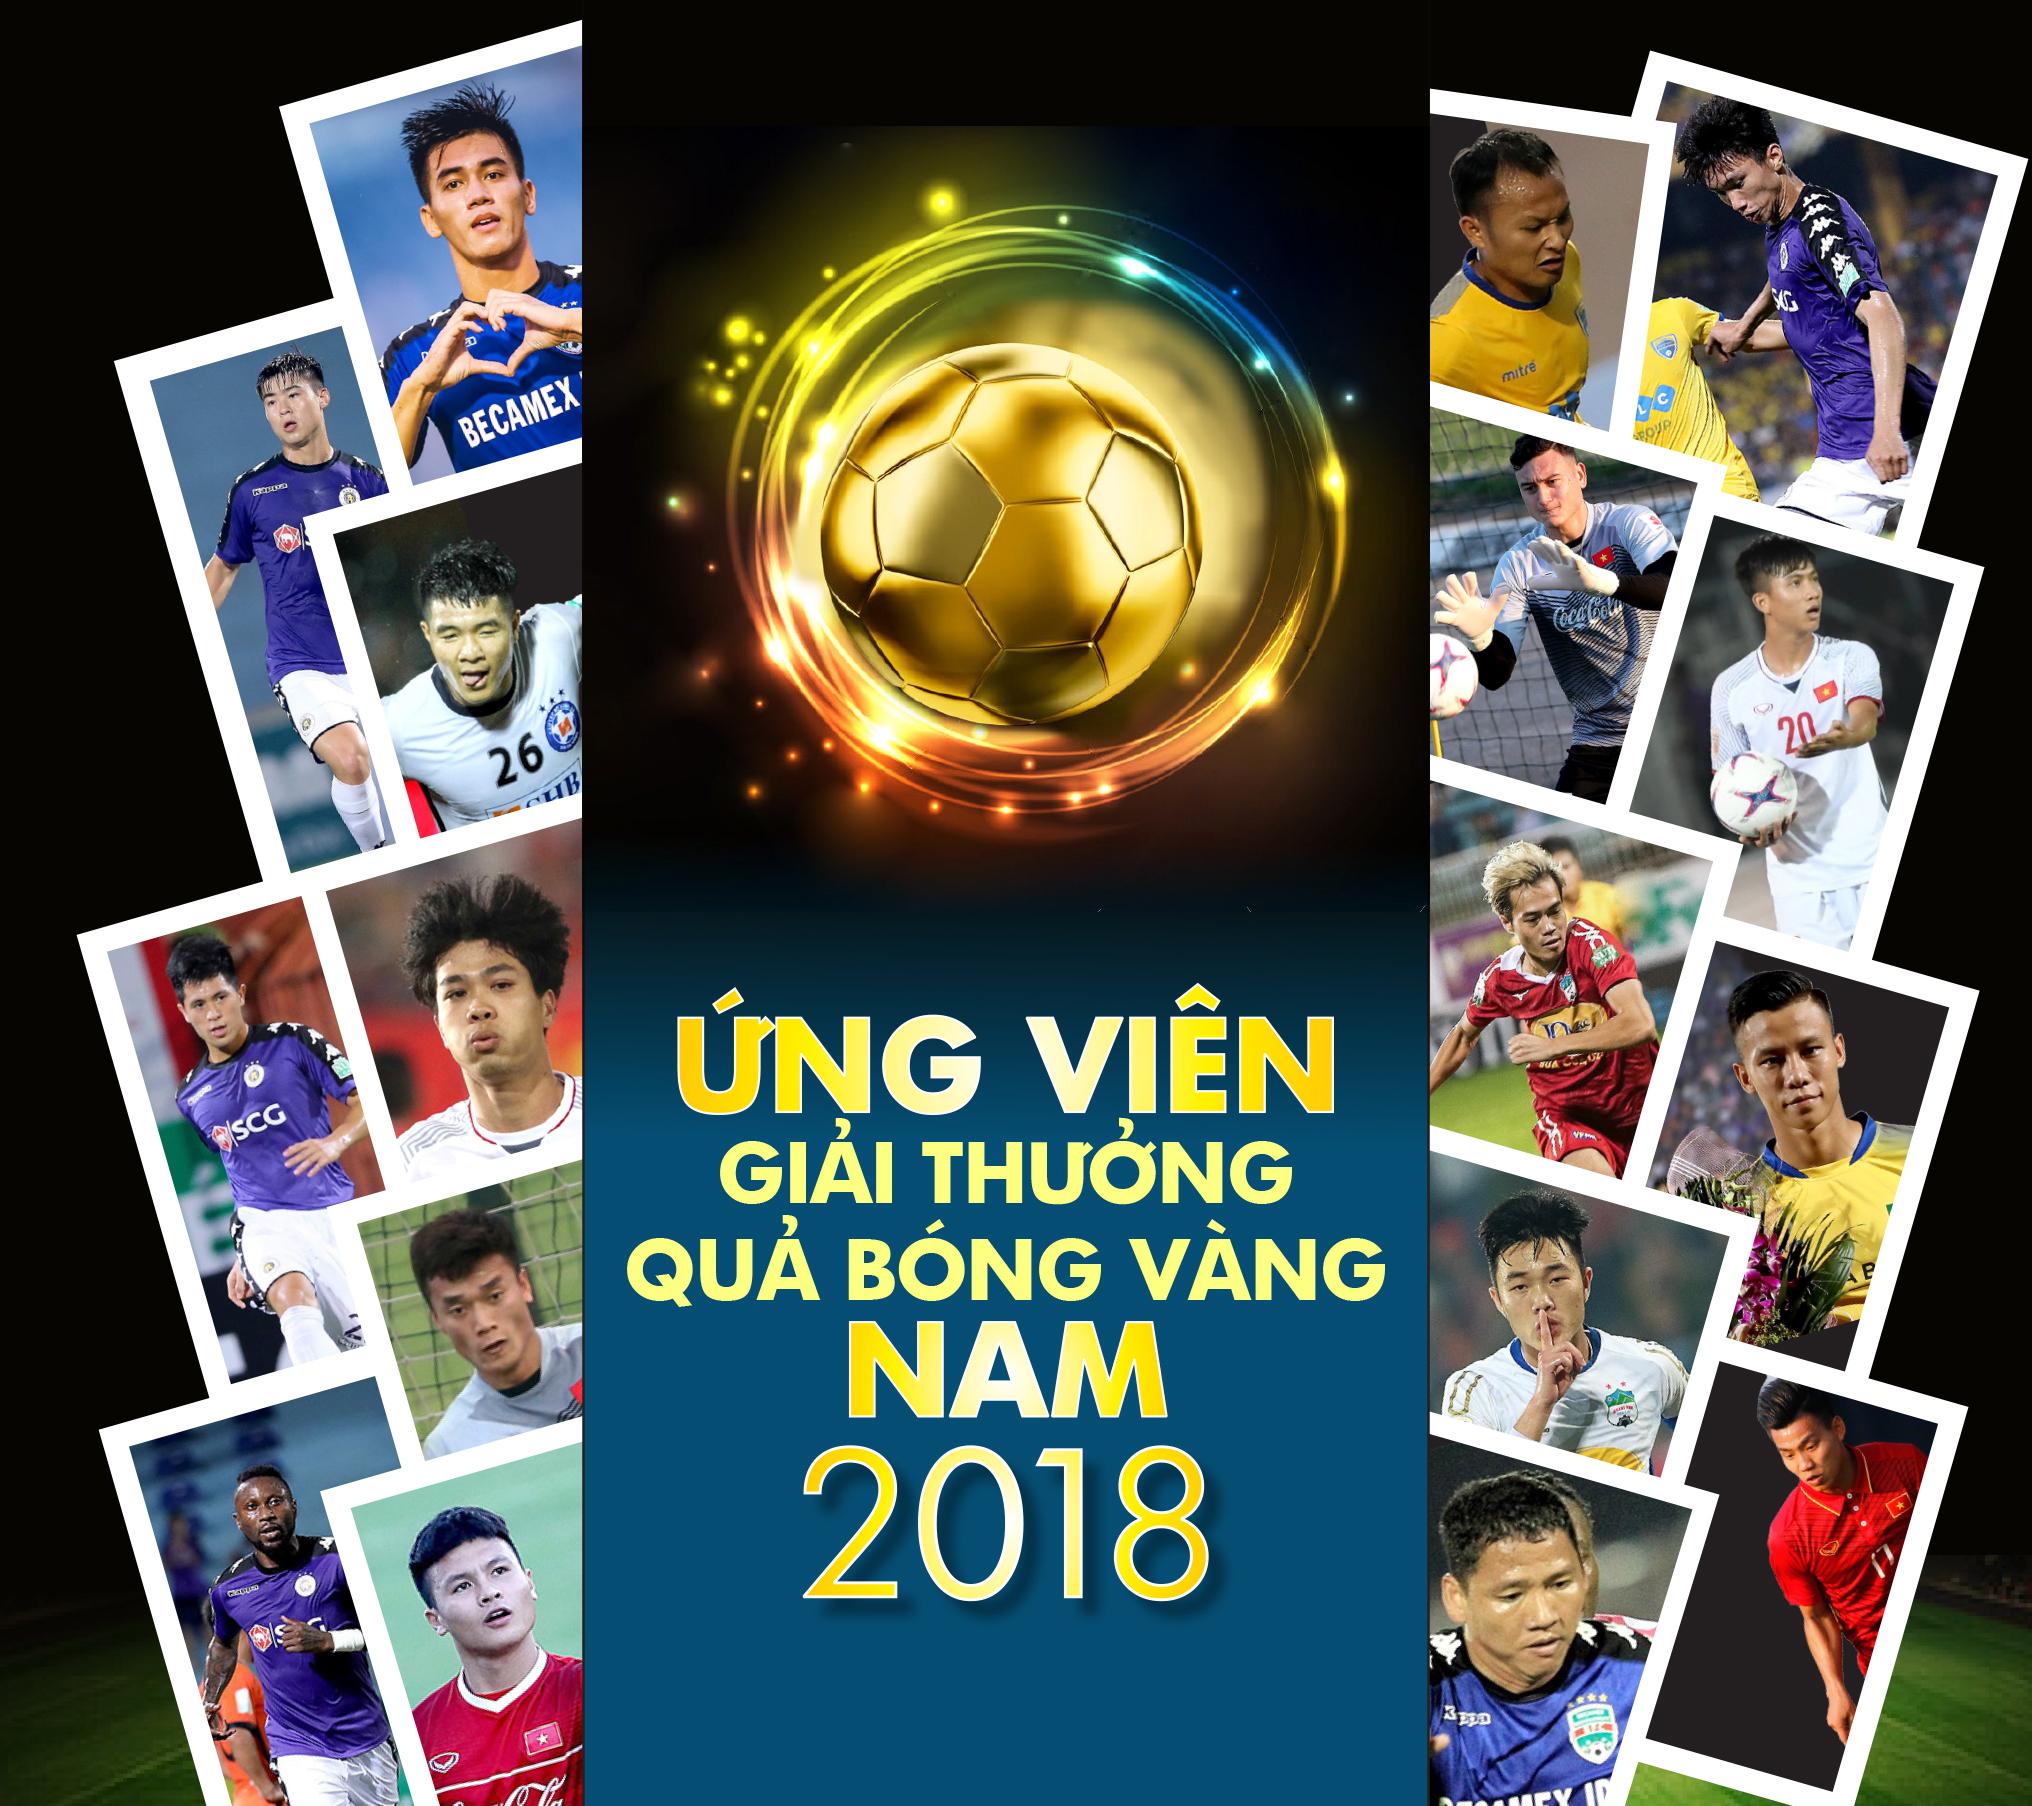 Danh sách ứng viên Giải thưởng Quả bóng vàng nam 2018